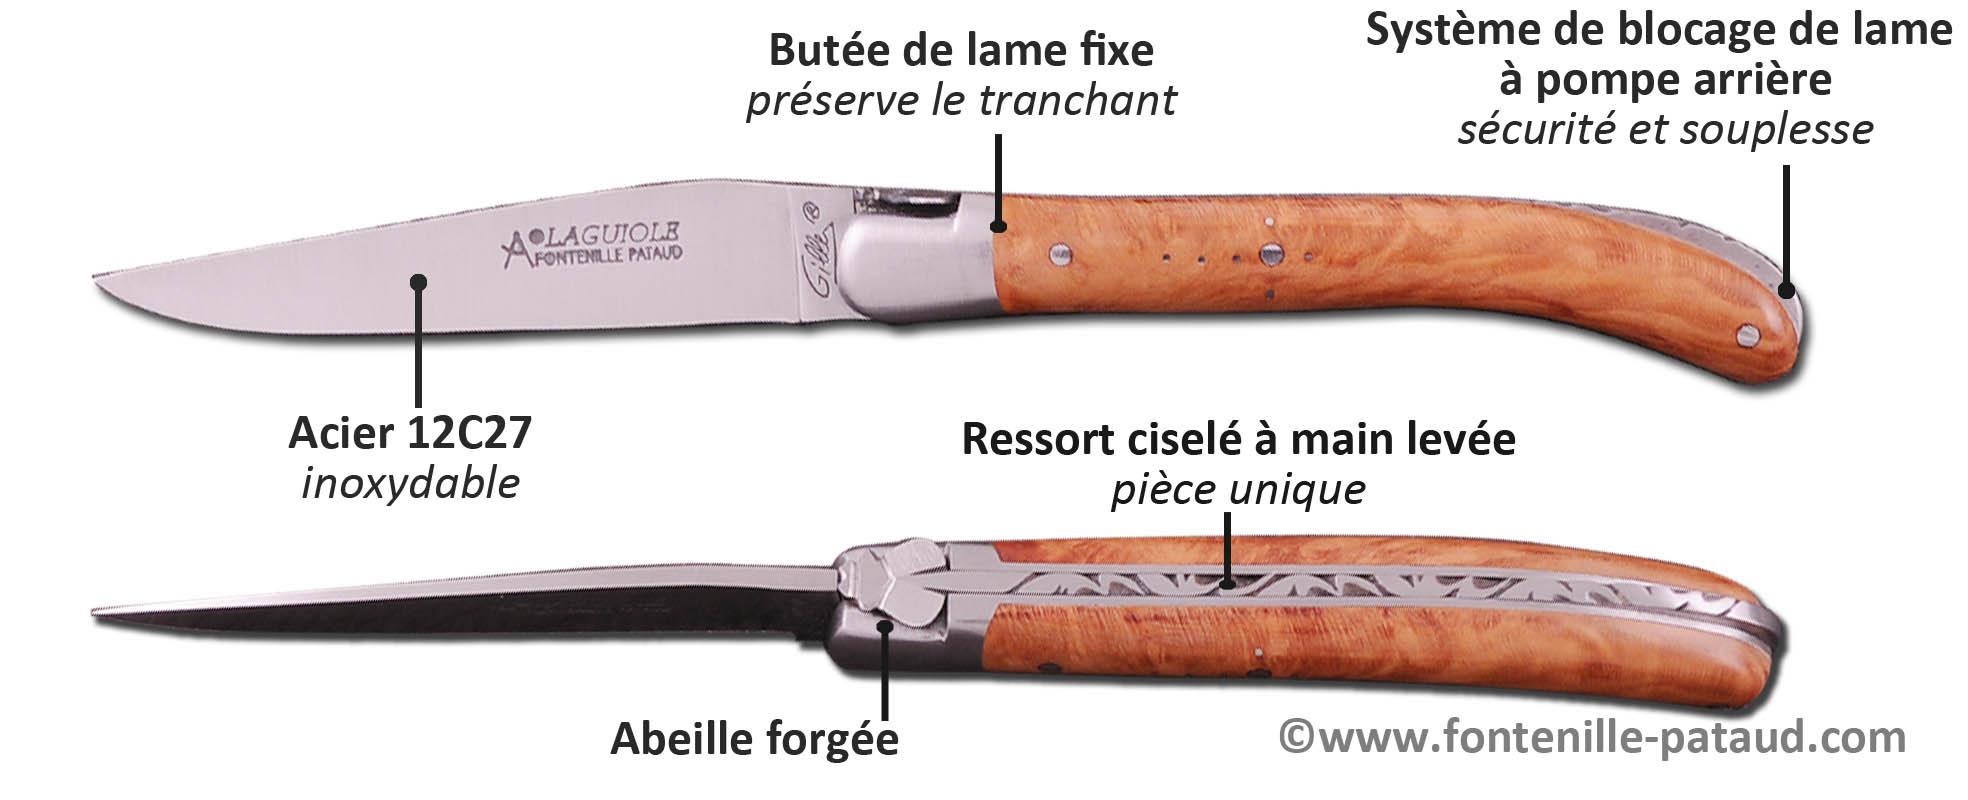 Laguiole Le Pocket, discret mais efficace avec son système de blocage de lame